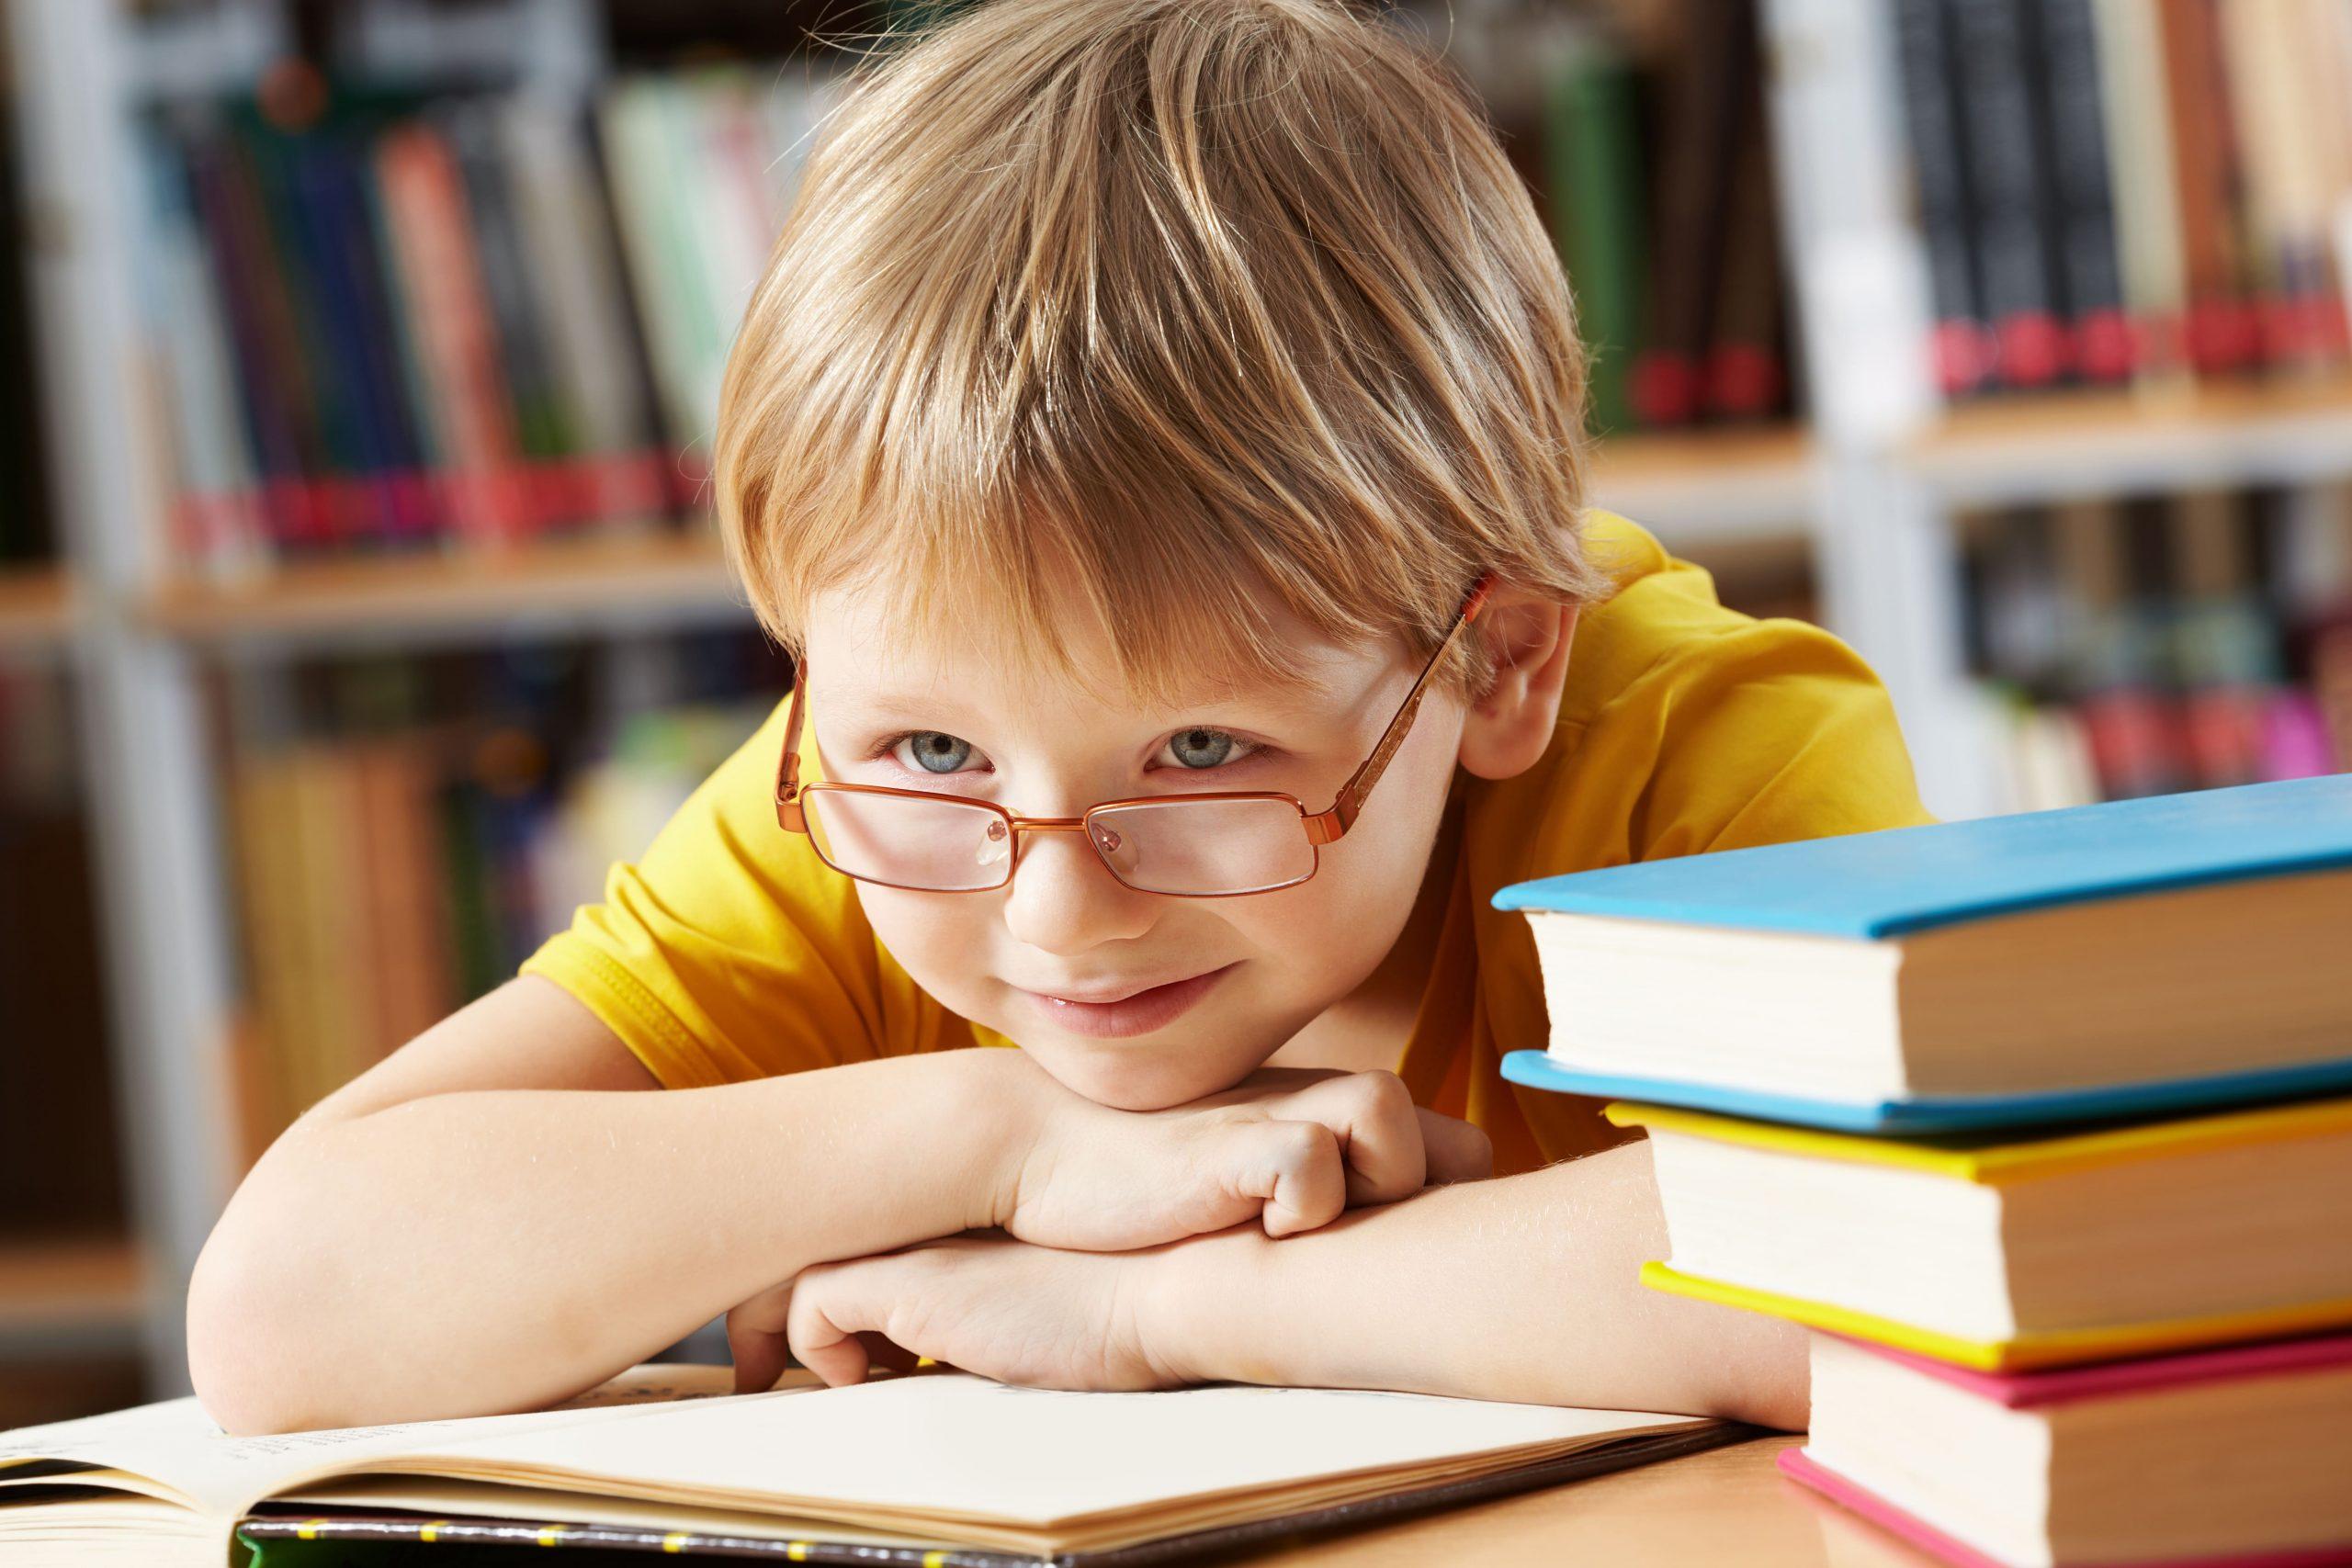 Частная начальная школа Киева: преимущества